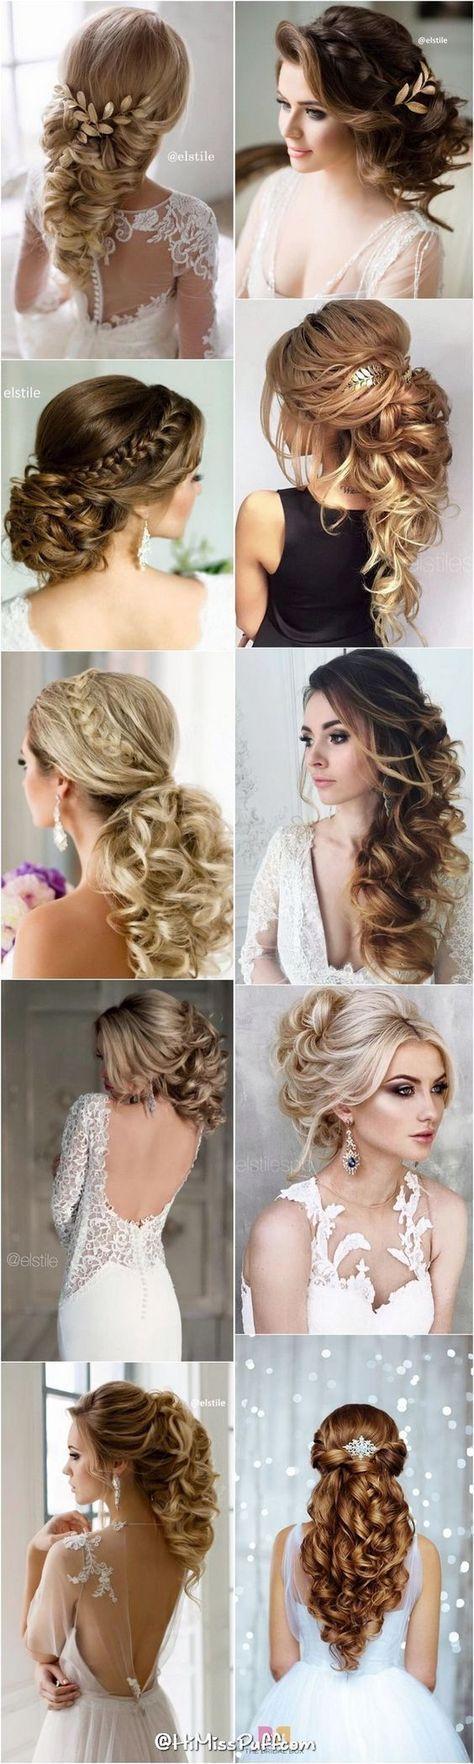 Hochzeit frisuren frauen elegante frisur pinterest hair style